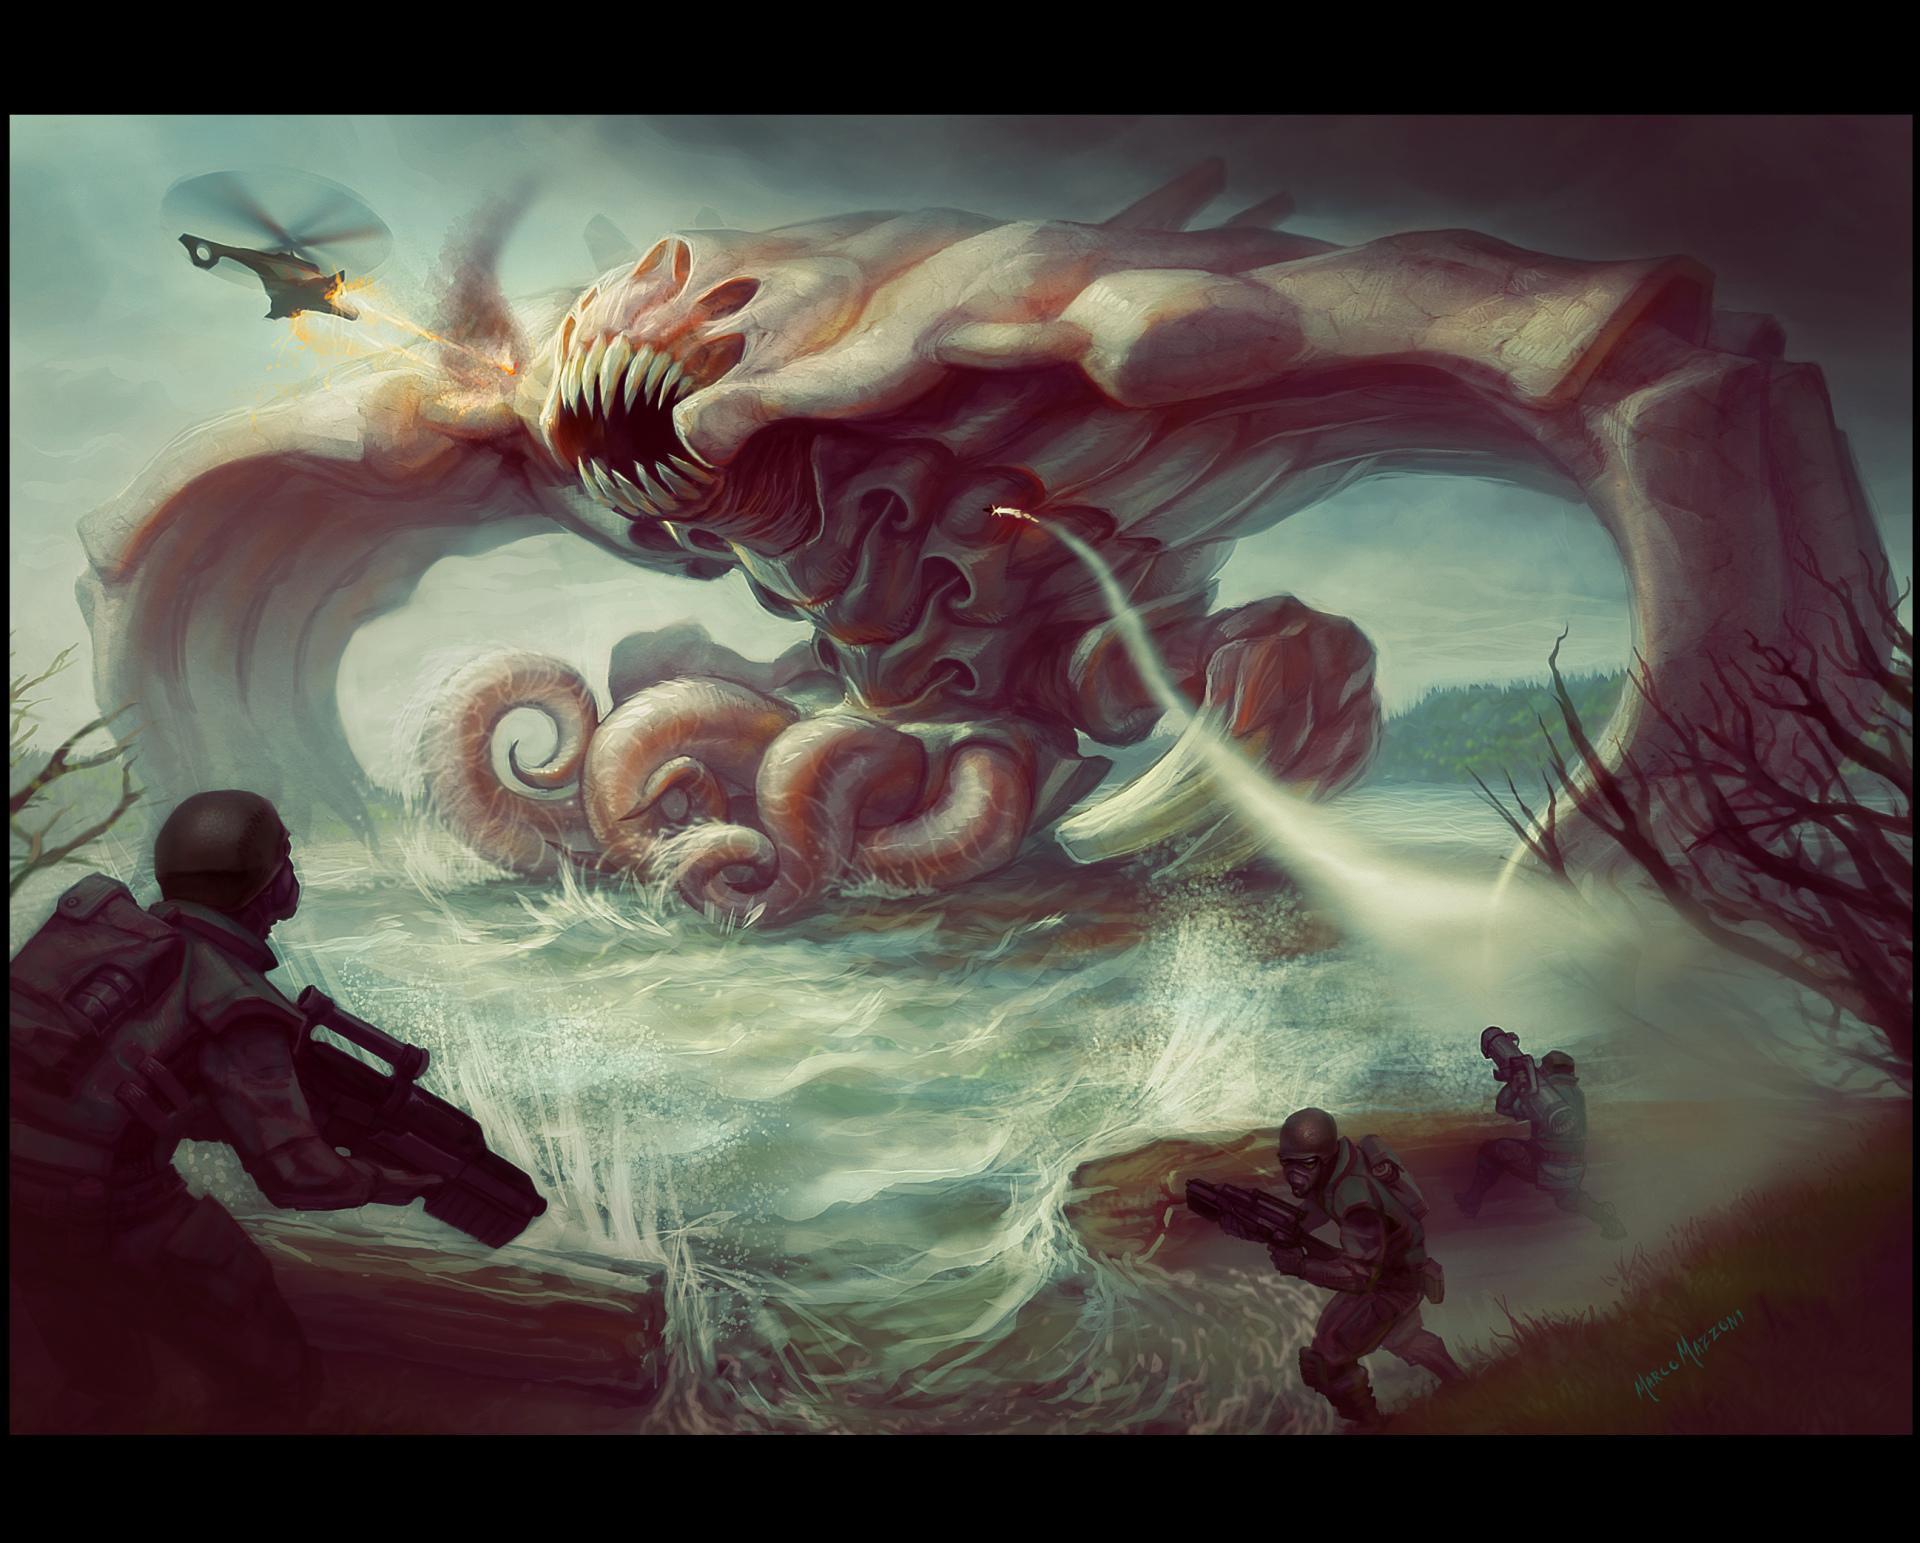 Kraken Wallpaper for Android APK